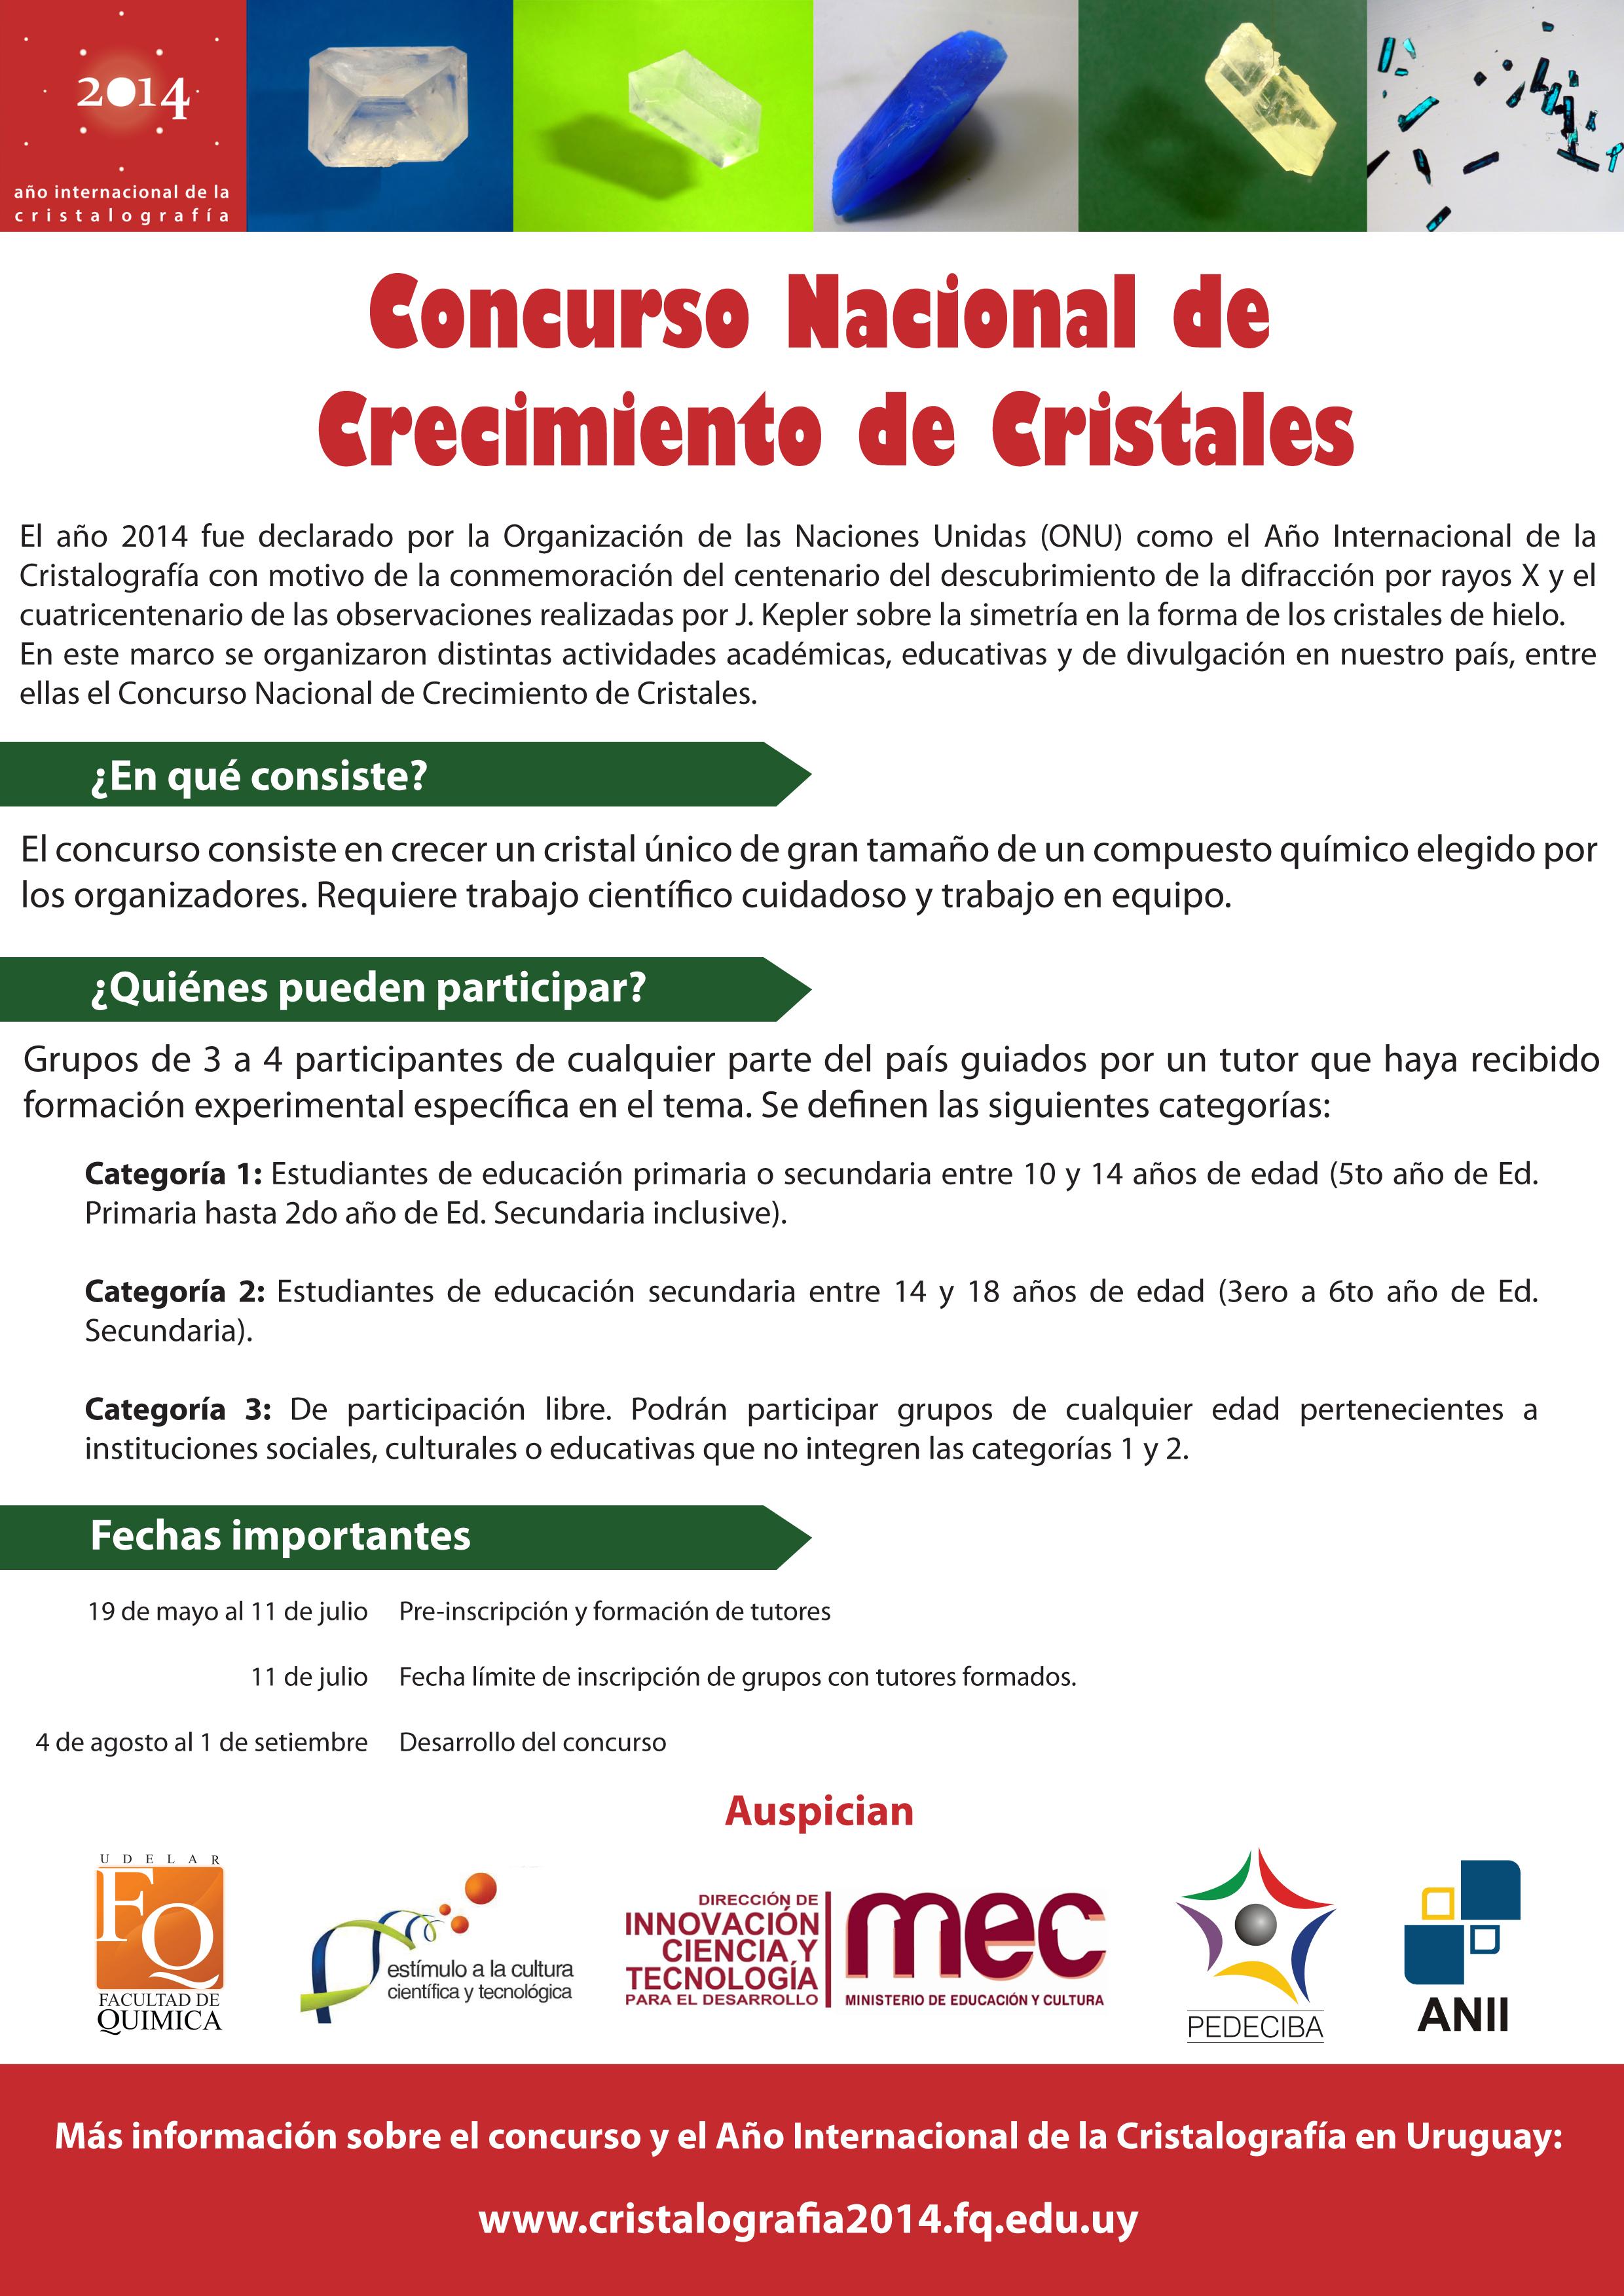 Poster Concurso Crecimiento de Cristales Uruguay